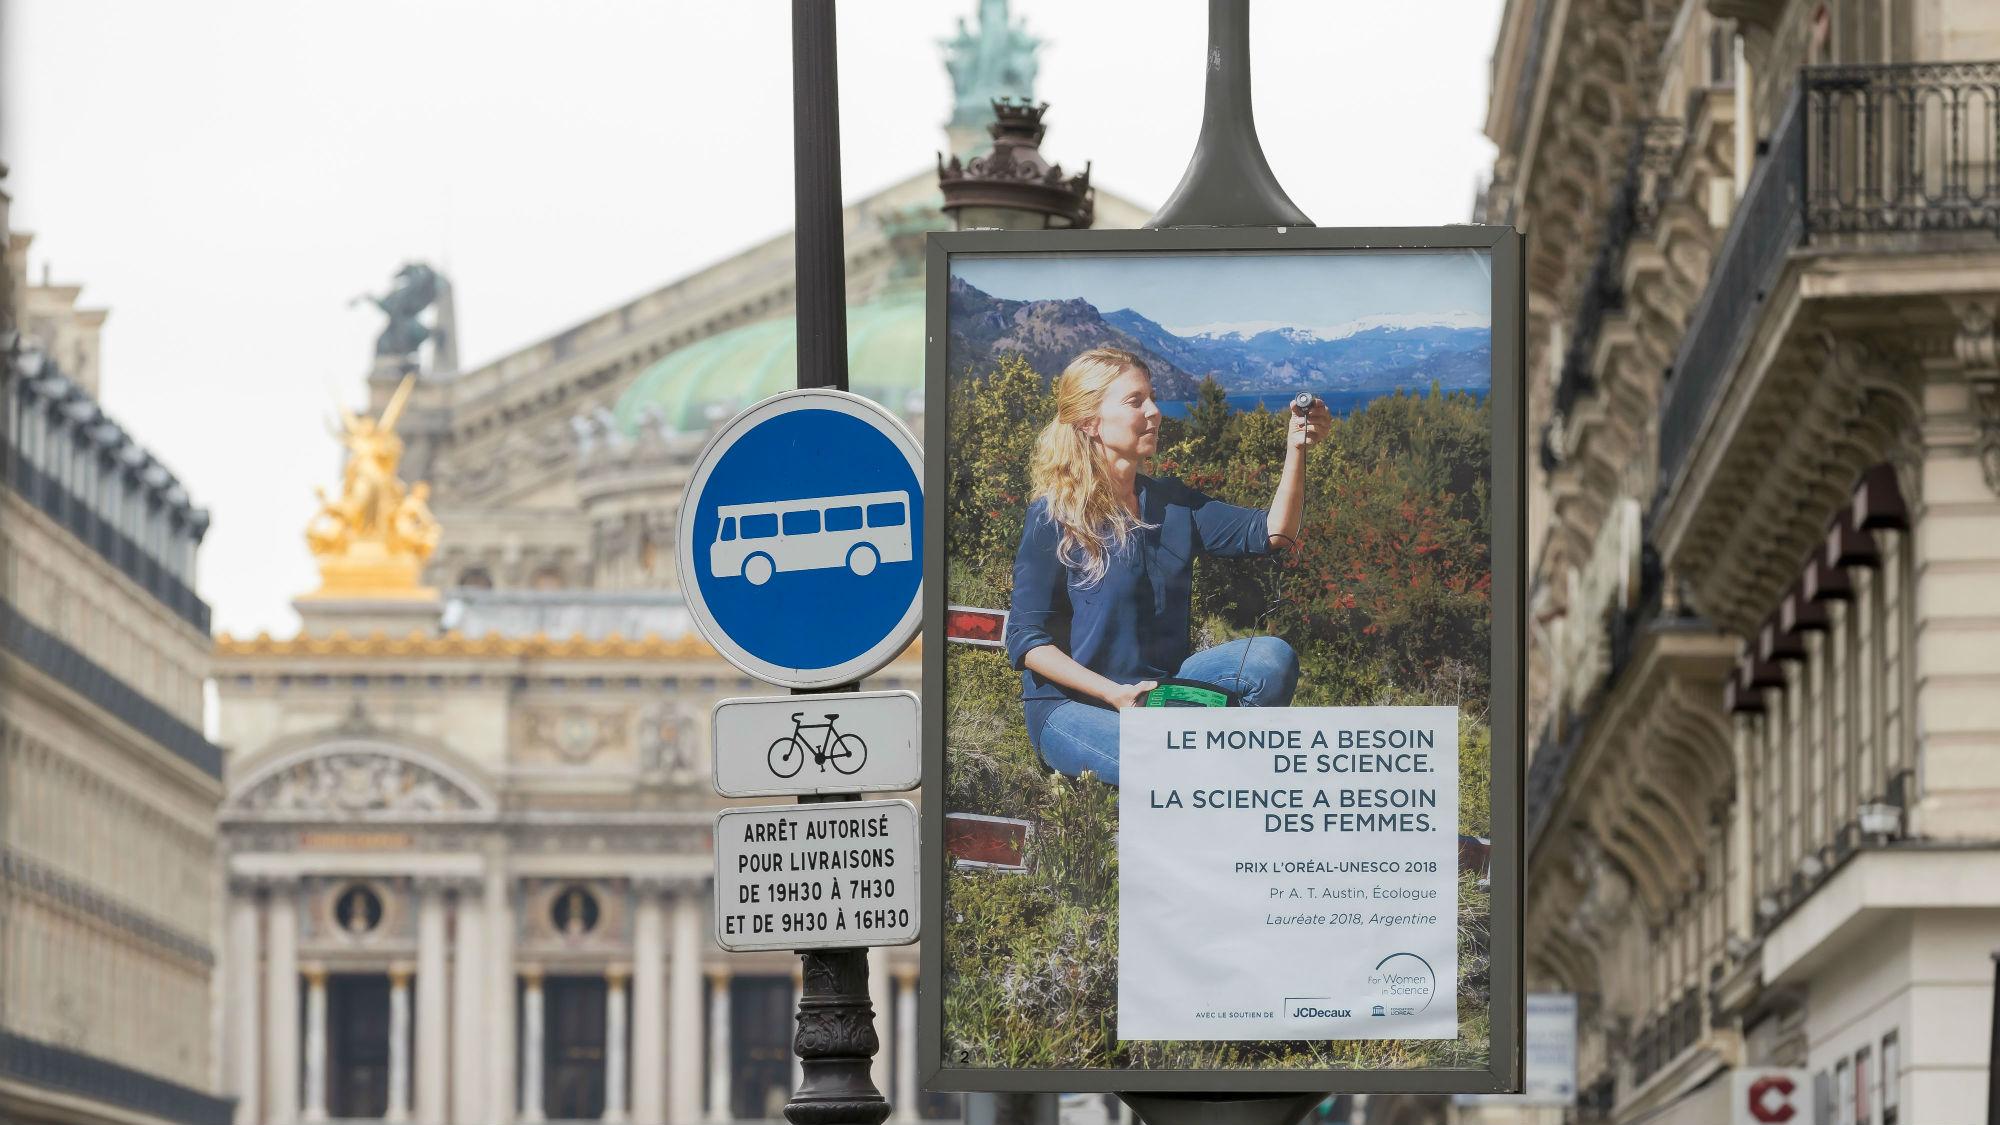 Постеры с именами и кратким описанием работ лауреатов мы встретили уже в аэропорту Париж √ Шарль-де-Голль. Позднее приятно было увидеть их и на улицах французской столицы.